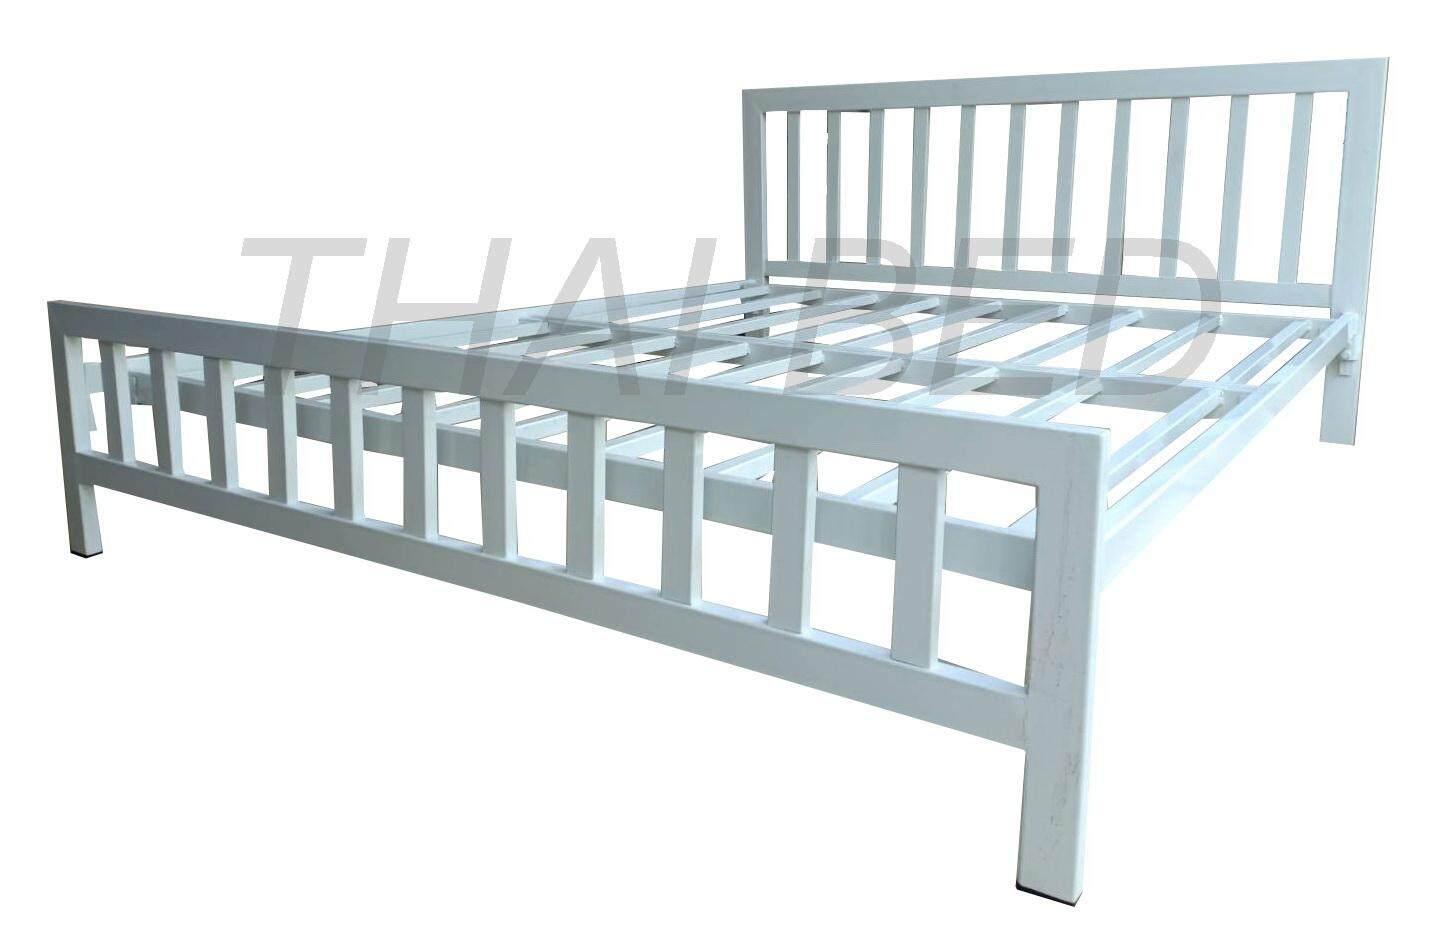 โครงเตียงเหล็ก 6ฟุต เตียงเหล็กไร้ขาคั้มกลาง Steel Bed Condo Bed เตียงเหล็กหนา เตียงเหล็กไม่มีเสียงดัง เตียงเหล็กสำหรับคอนโด.